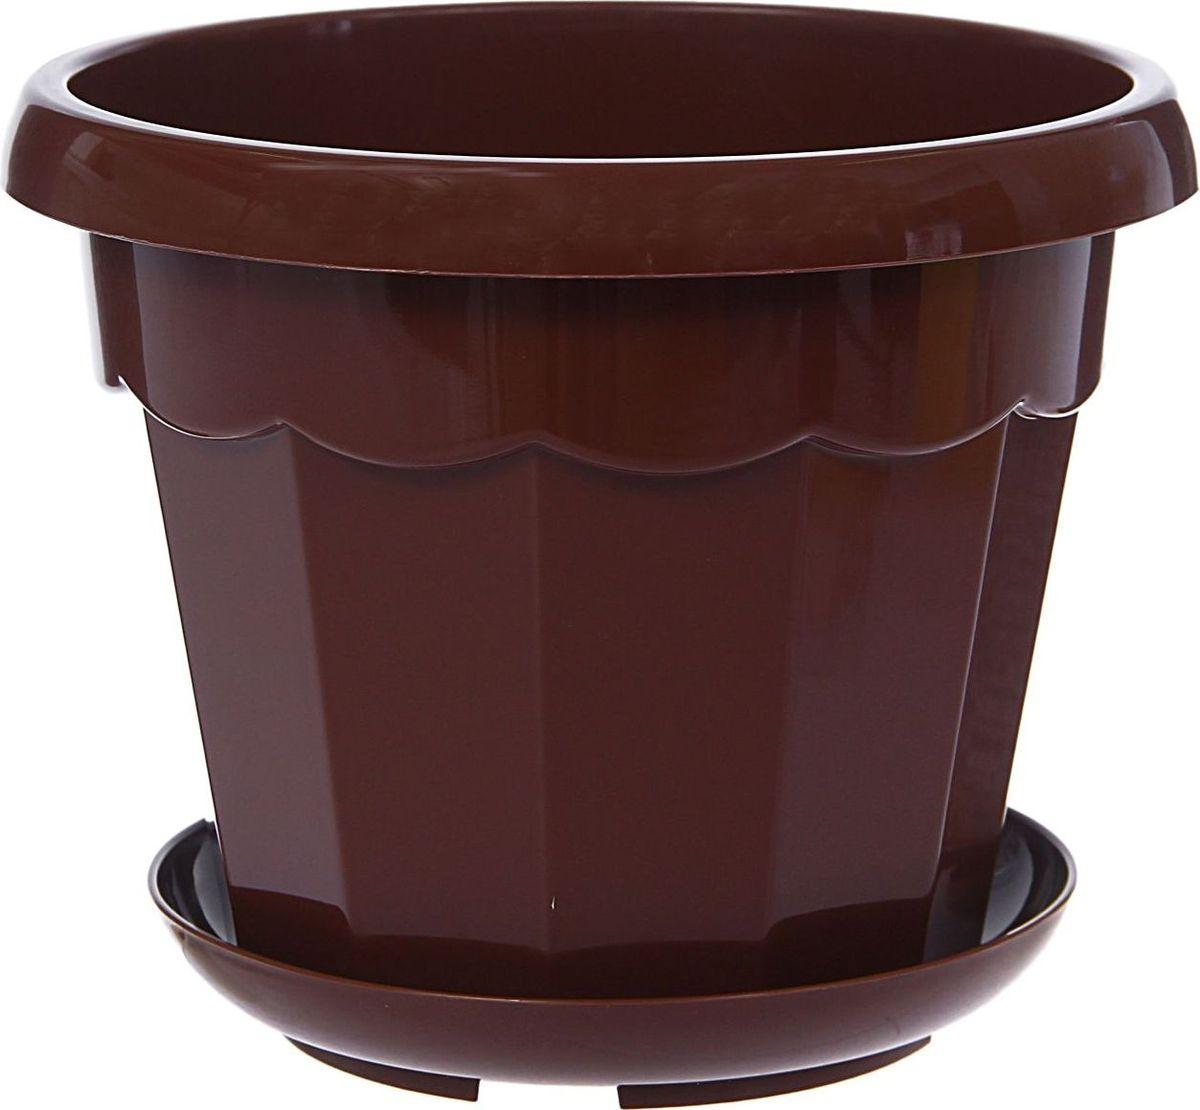 """Любой, даже самый современный и продуманный интерьер будет не завершенным без растений. Они не только очищают воздух и насыщают его кислородом, но и заметно украшают окружающее пространство. Такому полезному члену семьи просто необходимо красивое и функциональное кашпо, оригинальный горшок или необычная ваза! Мы предлагаем - Горшок для цветов 1,8 л с поддоном """"Эрика"""", цвет терракотовый! Оптимальный выбор материала - это пластмасса! Почему мы так считаем? Малый вес. С легкостью переносите горшки и кашпо с места на место, ставьте их на столики или полки, подвешивайте под потолок, не беспокоясь о нагрузке. Простота ухода. Пластиковые изделия не нуждаются в специальных условиях хранения. Их легко чистить достаточно просто сполоснуть теплой водой. Никаких царапин. Пластиковые кашпо не царапают и не загрязняют поверхности, на которых стоят. Пластик дольше хранит влагу, а значит растение реже нуждается в поливе. Пластмасса не пропускает воздух корневой системе растения не грозят резкие перепады температур. Огромный выбор форм, декора и расцветок вы без труда подберете что-то, что идеально впишется в уже существующий интерьер. Соблюдая нехитрые правила ухода, вы можете заметно продлить срок службы горшков, вазонов и кашпо из пластика: всегда учитывайте размер кроны и корневой системы растения (при разрастании большое растение способно повредить маленький горшок) берегите изделие от воздействия прямых солнечных лучей, чтобы кашпо и горшки не выцветали держите кашпо и горшки из пластика подальше от нагревающихся поверхностей. Создавайте прекрасные цветочные композиции, выращивайте рассаду или необычные растения, а низкие цены позволят вам не ограничивать себя в выборе."""